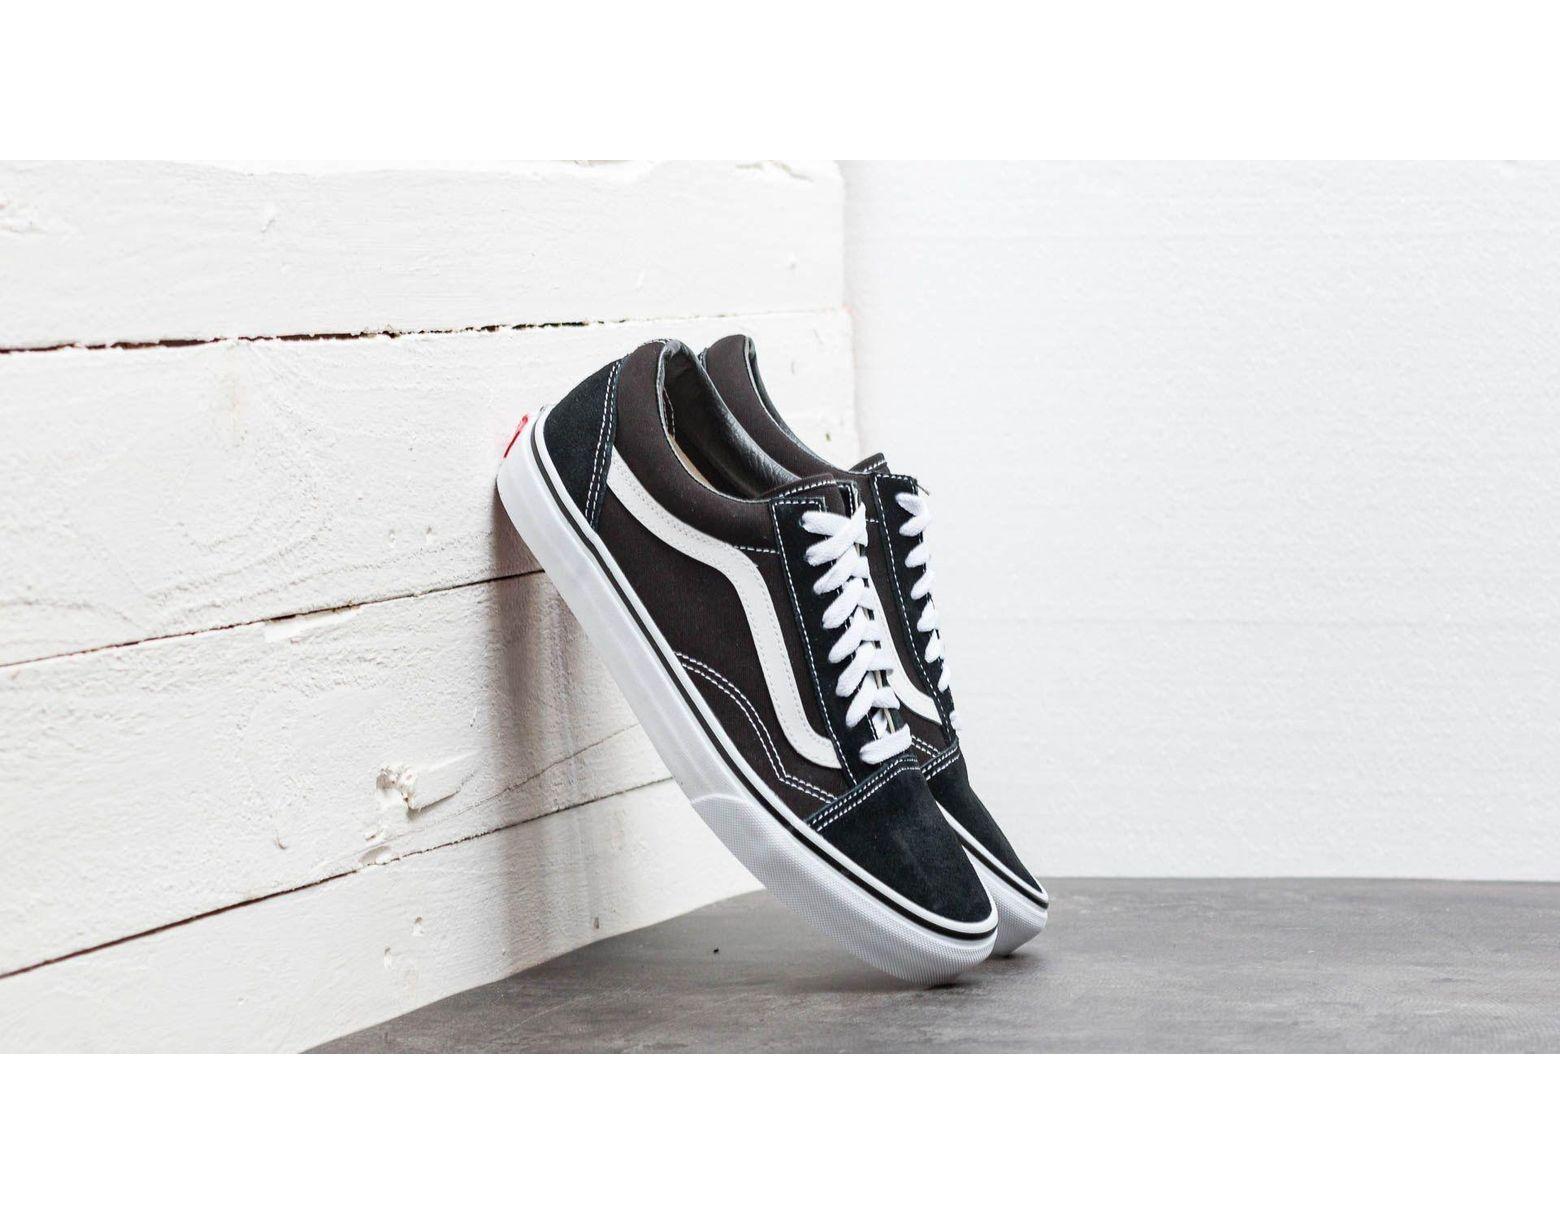 64ffed73f9b Lyst - Vans Old Skool Black in Black - Save 11%